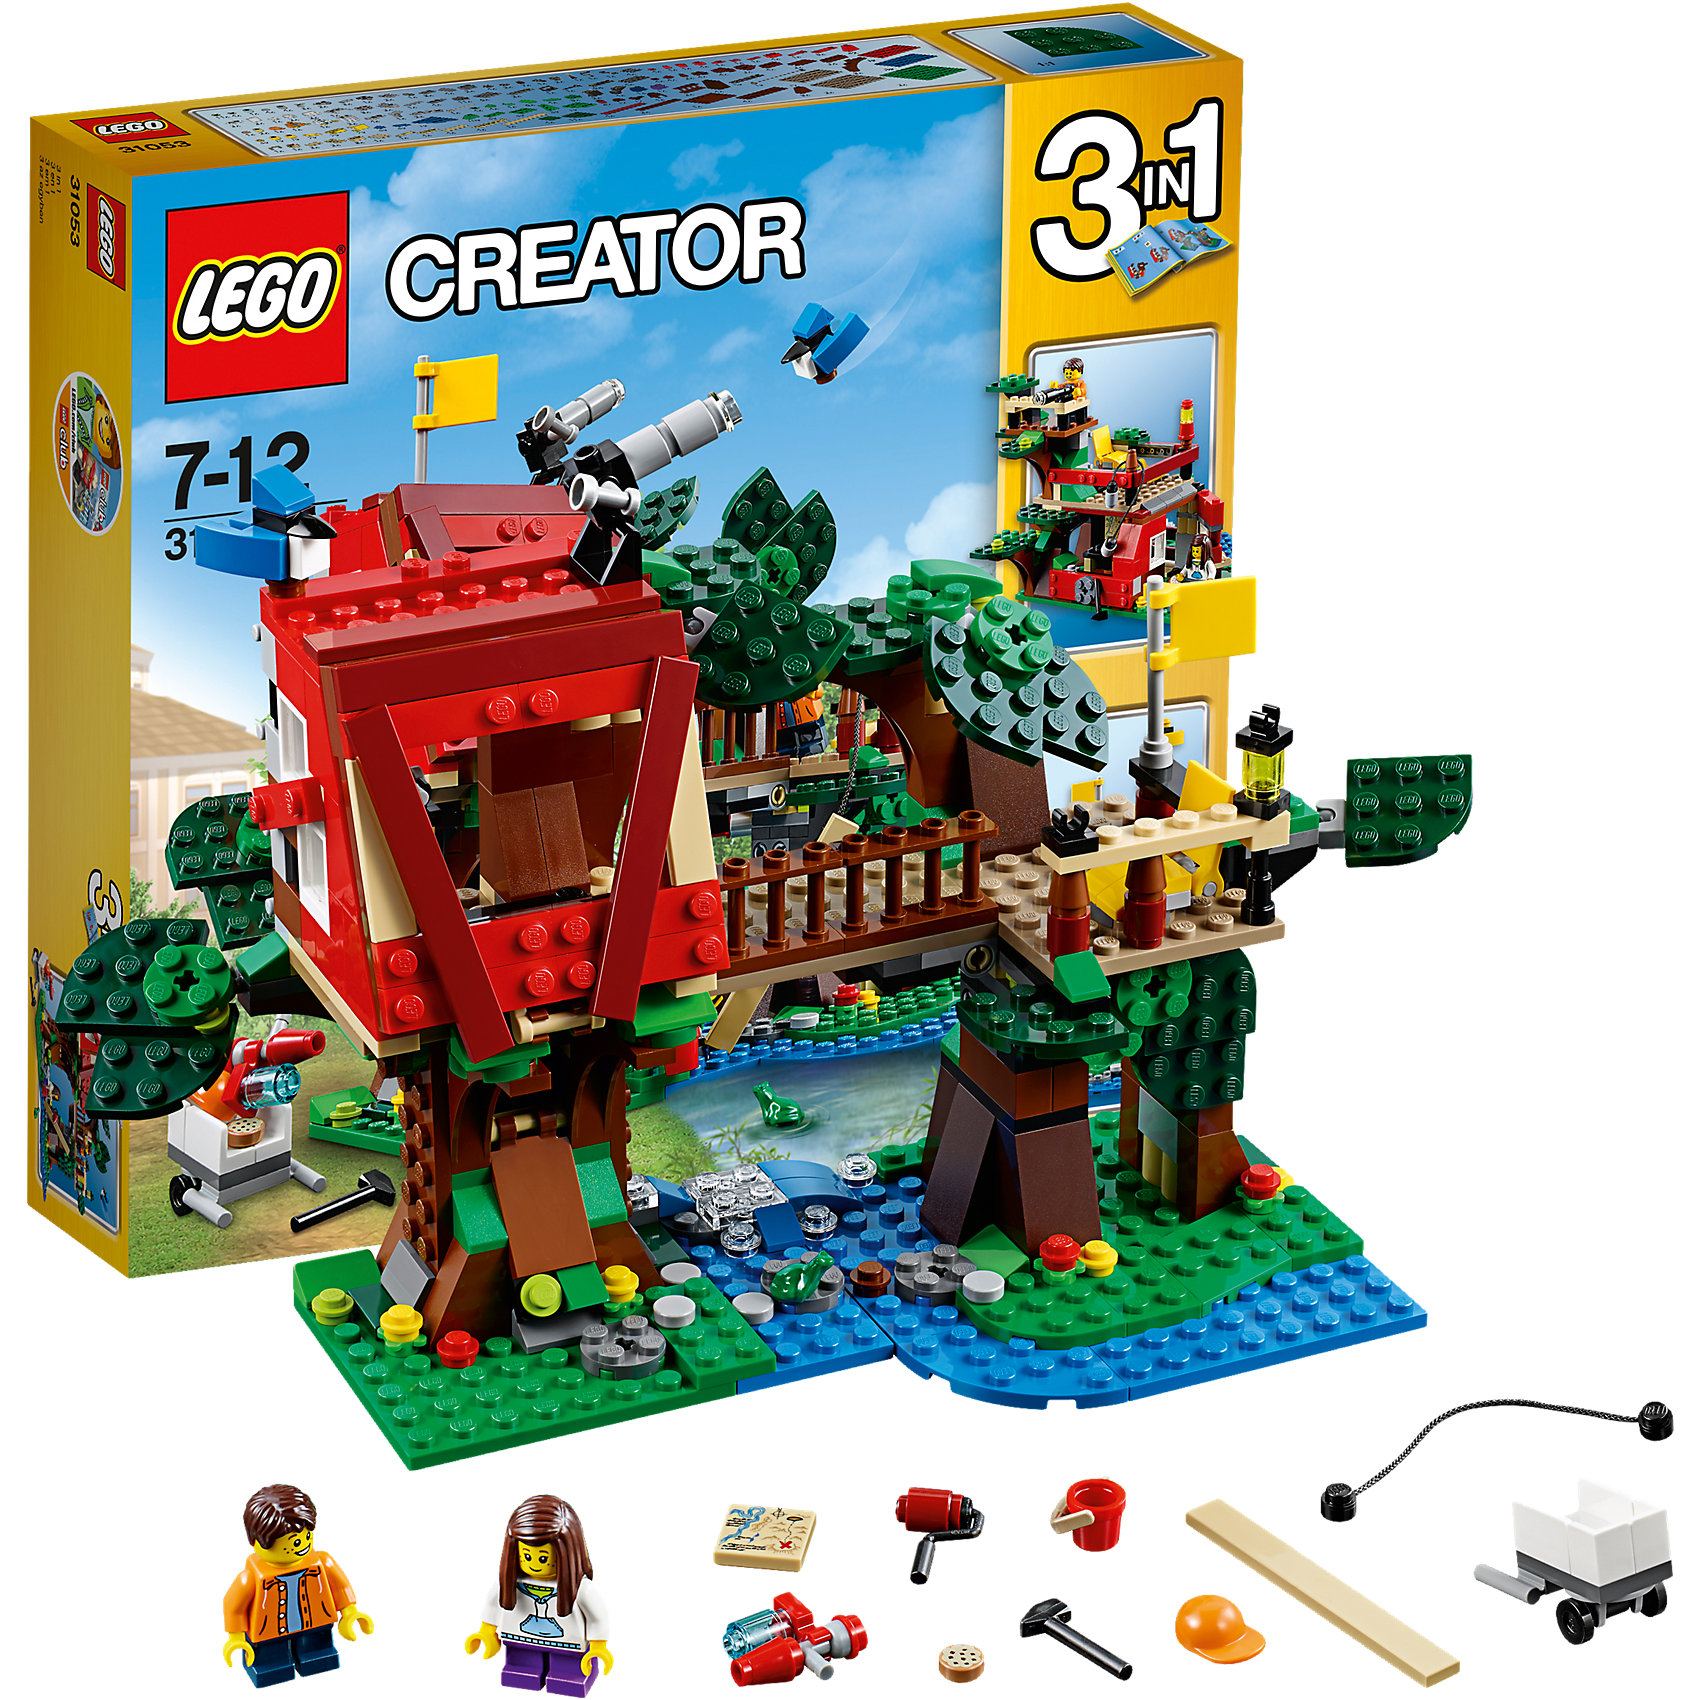 LEGO Creator 31053: Домик на деревеПластмассовые конструкторы<br>Иметь свой домик на дереве и играть с конструктором обожает множество современных детей, поэтому набор Лего, из которого можно собрать этот дом, обязательно обрадует ребенка. Такие игрушки помогают детям развивать воображение, мелкую моторику, логику и творческое мышление.<br>Набор состоит из фигурок людей и деталей, из которых получится дом на дереве, здесь также есть молоток и гвозди, валик с краской,  потайной шкаф, флаг и многое другое. С таким комплектом можно придумать множество игр!<br><br>Дополнительная информация:<br><br>цвет: разноцветный;<br>размер коробки: 28,2 х 5,9 х 26,2 см;<br>вес: 500 г;<br>материал: пластик;<br>количество деталей: 387.<br><br>Набор Домик на дереве от бренда LEGO Creator можно купить в нашем магазине.<br><br>Ширина мм: 284<br>Глубина мм: 261<br>Высота мм: 63<br>Вес г: 683<br>Возраст от месяцев: 84<br>Возраст до месяцев: 144<br>Пол: Унисекс<br>Возраст: Детский<br>SKU: 4641191